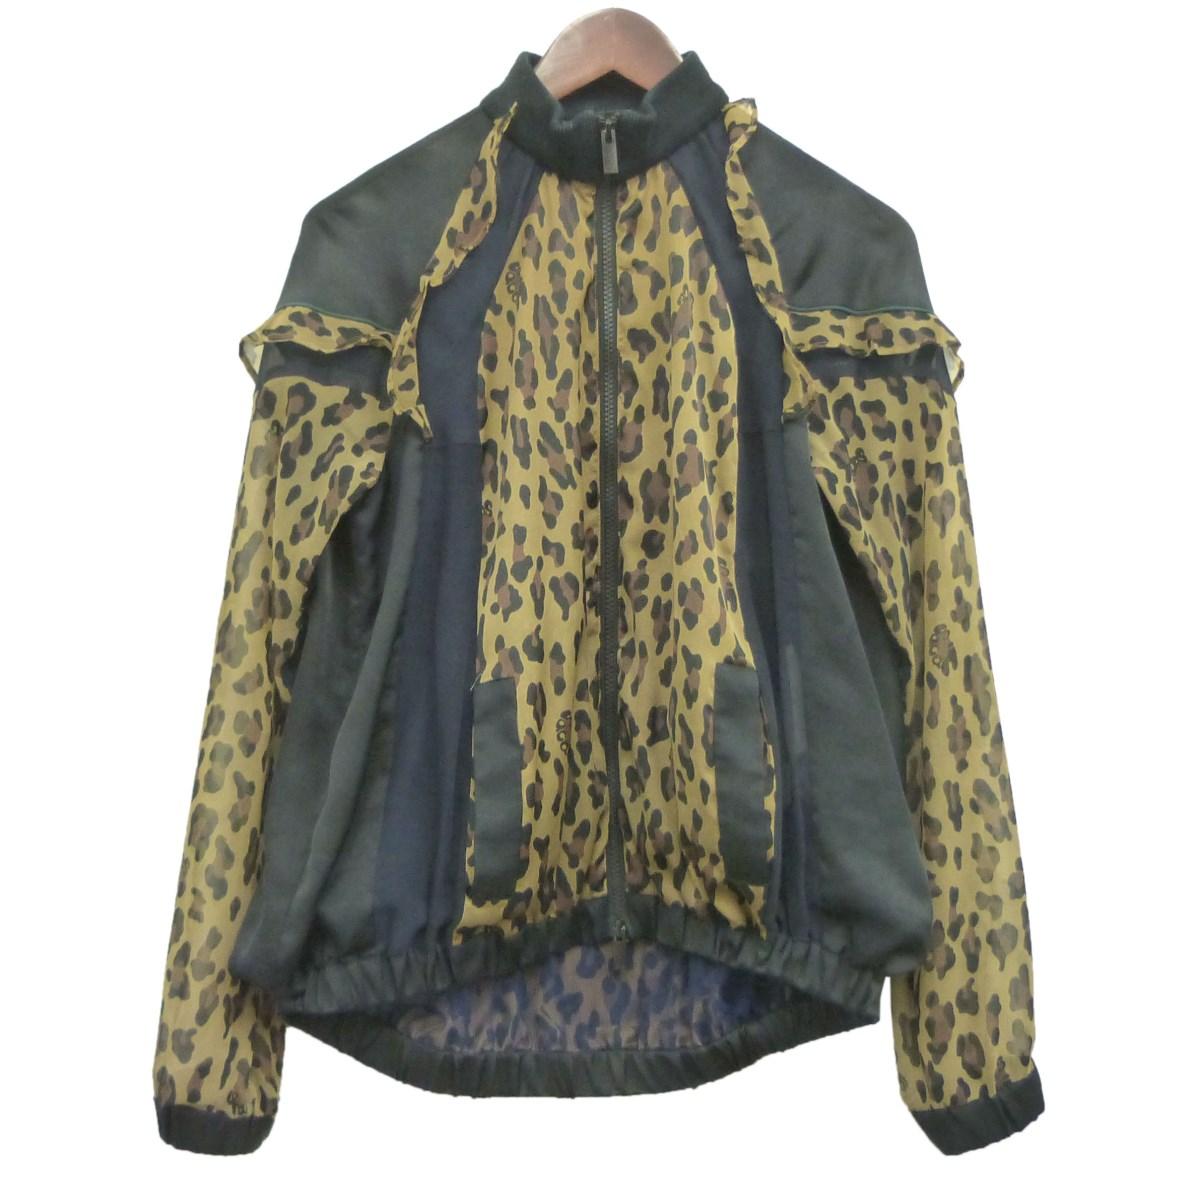 【中古】sacai「Leopard-Patterned Bomber Jacket」レオパードメッシュジャケット ブラック サイズ:1 【8月10日見直し】